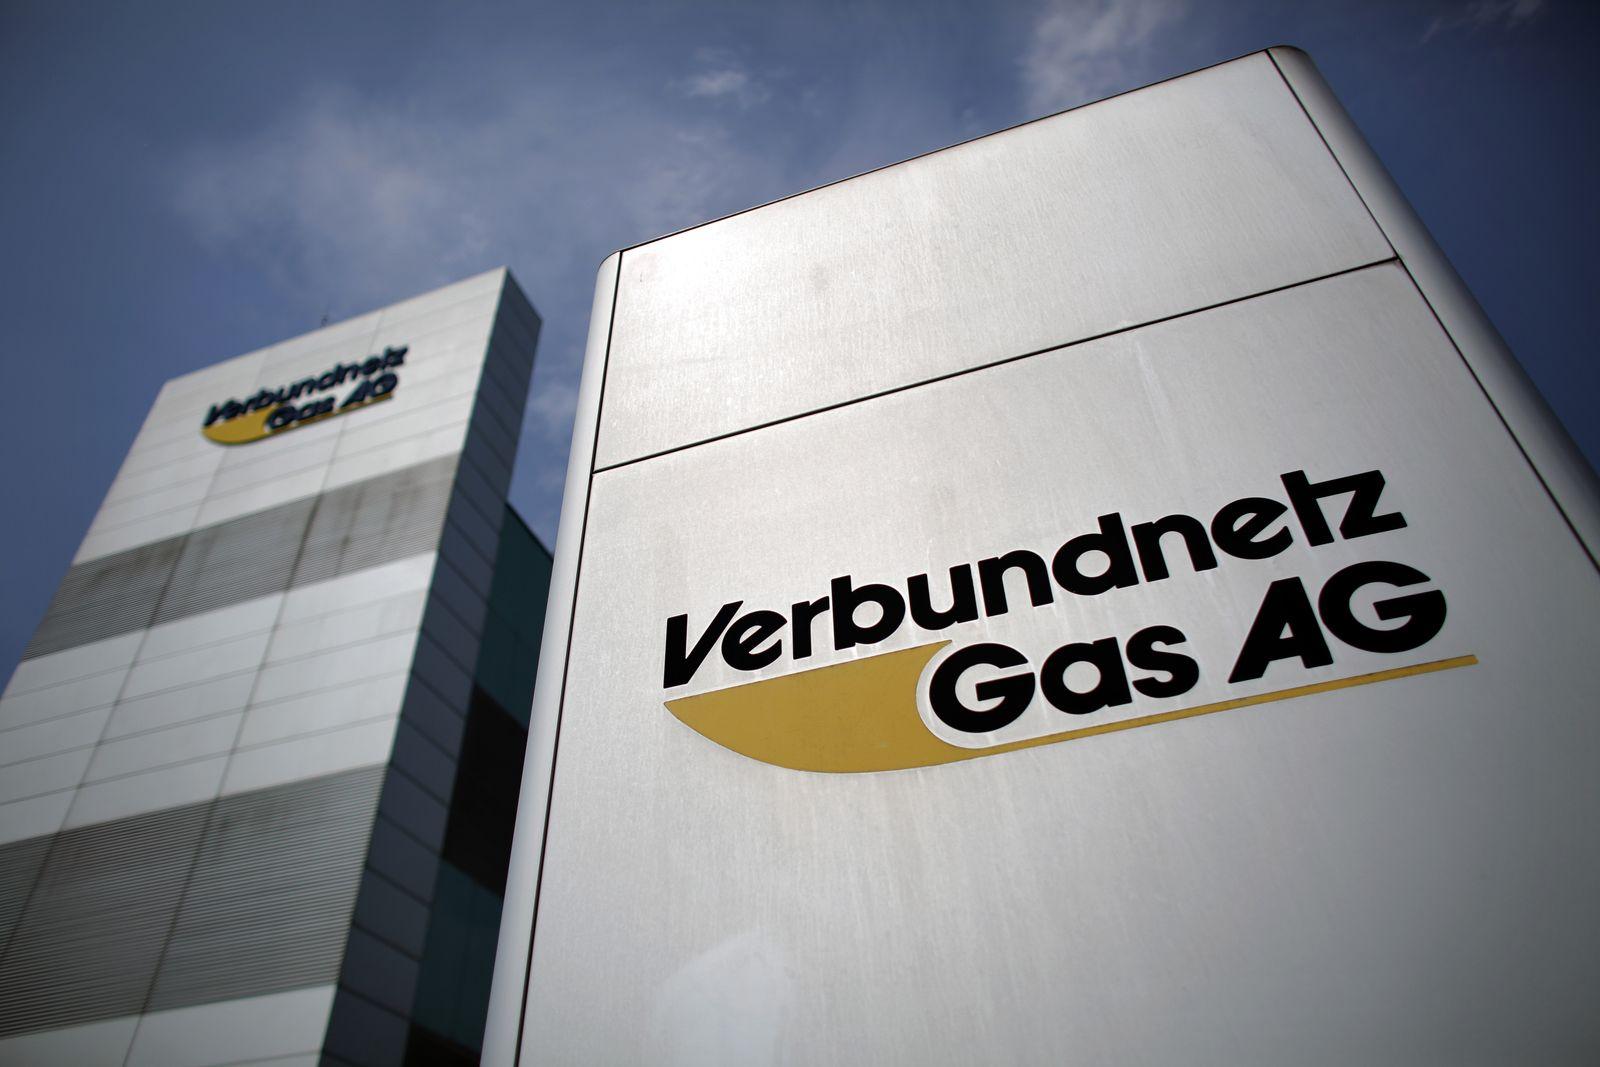 Leipzig üb ernimmt VNG-Anteile von Nordhausen